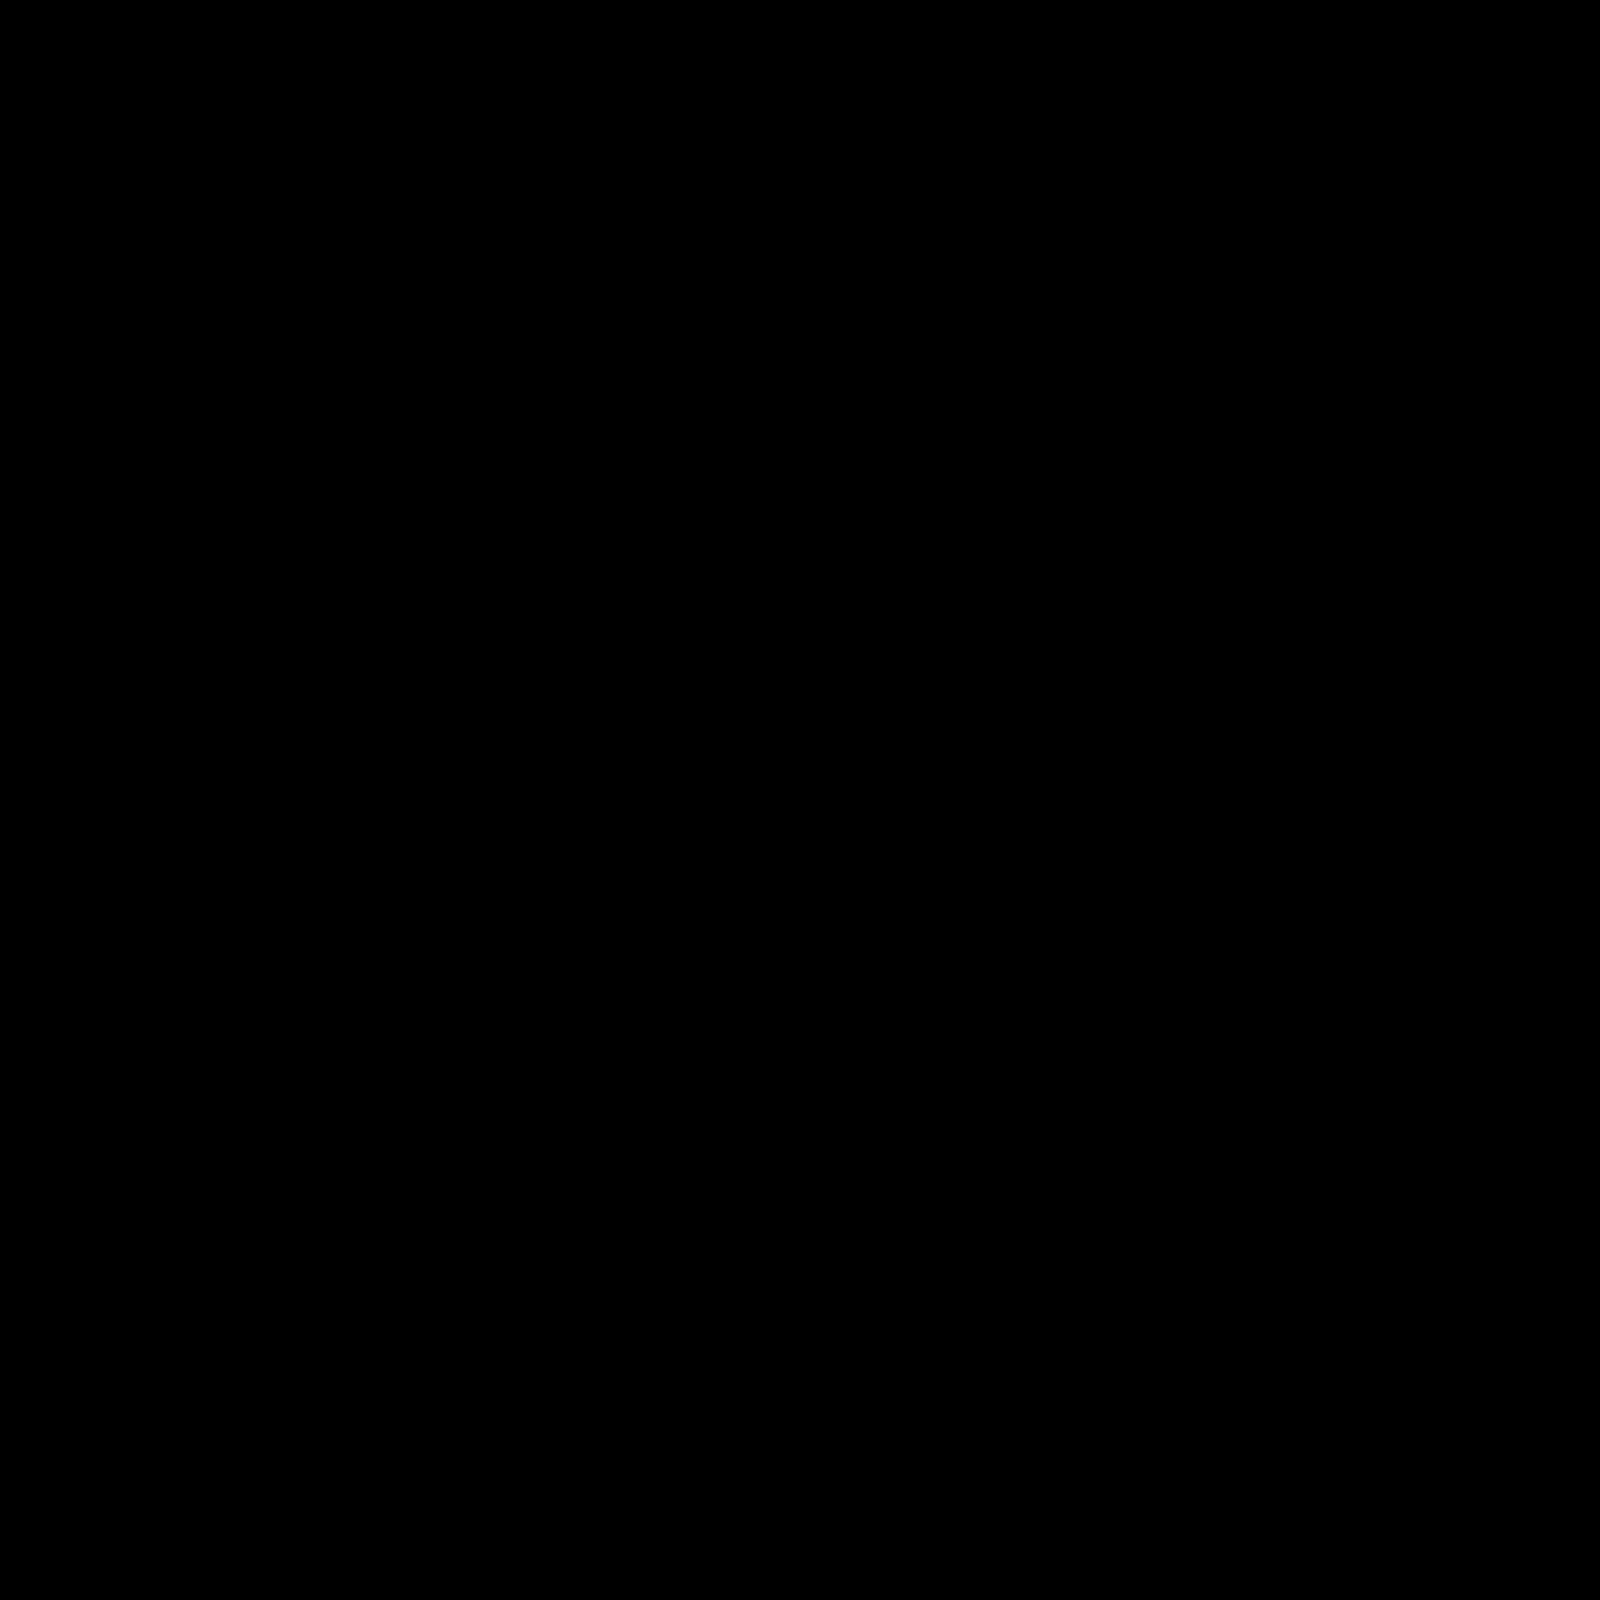 Delete Node icon